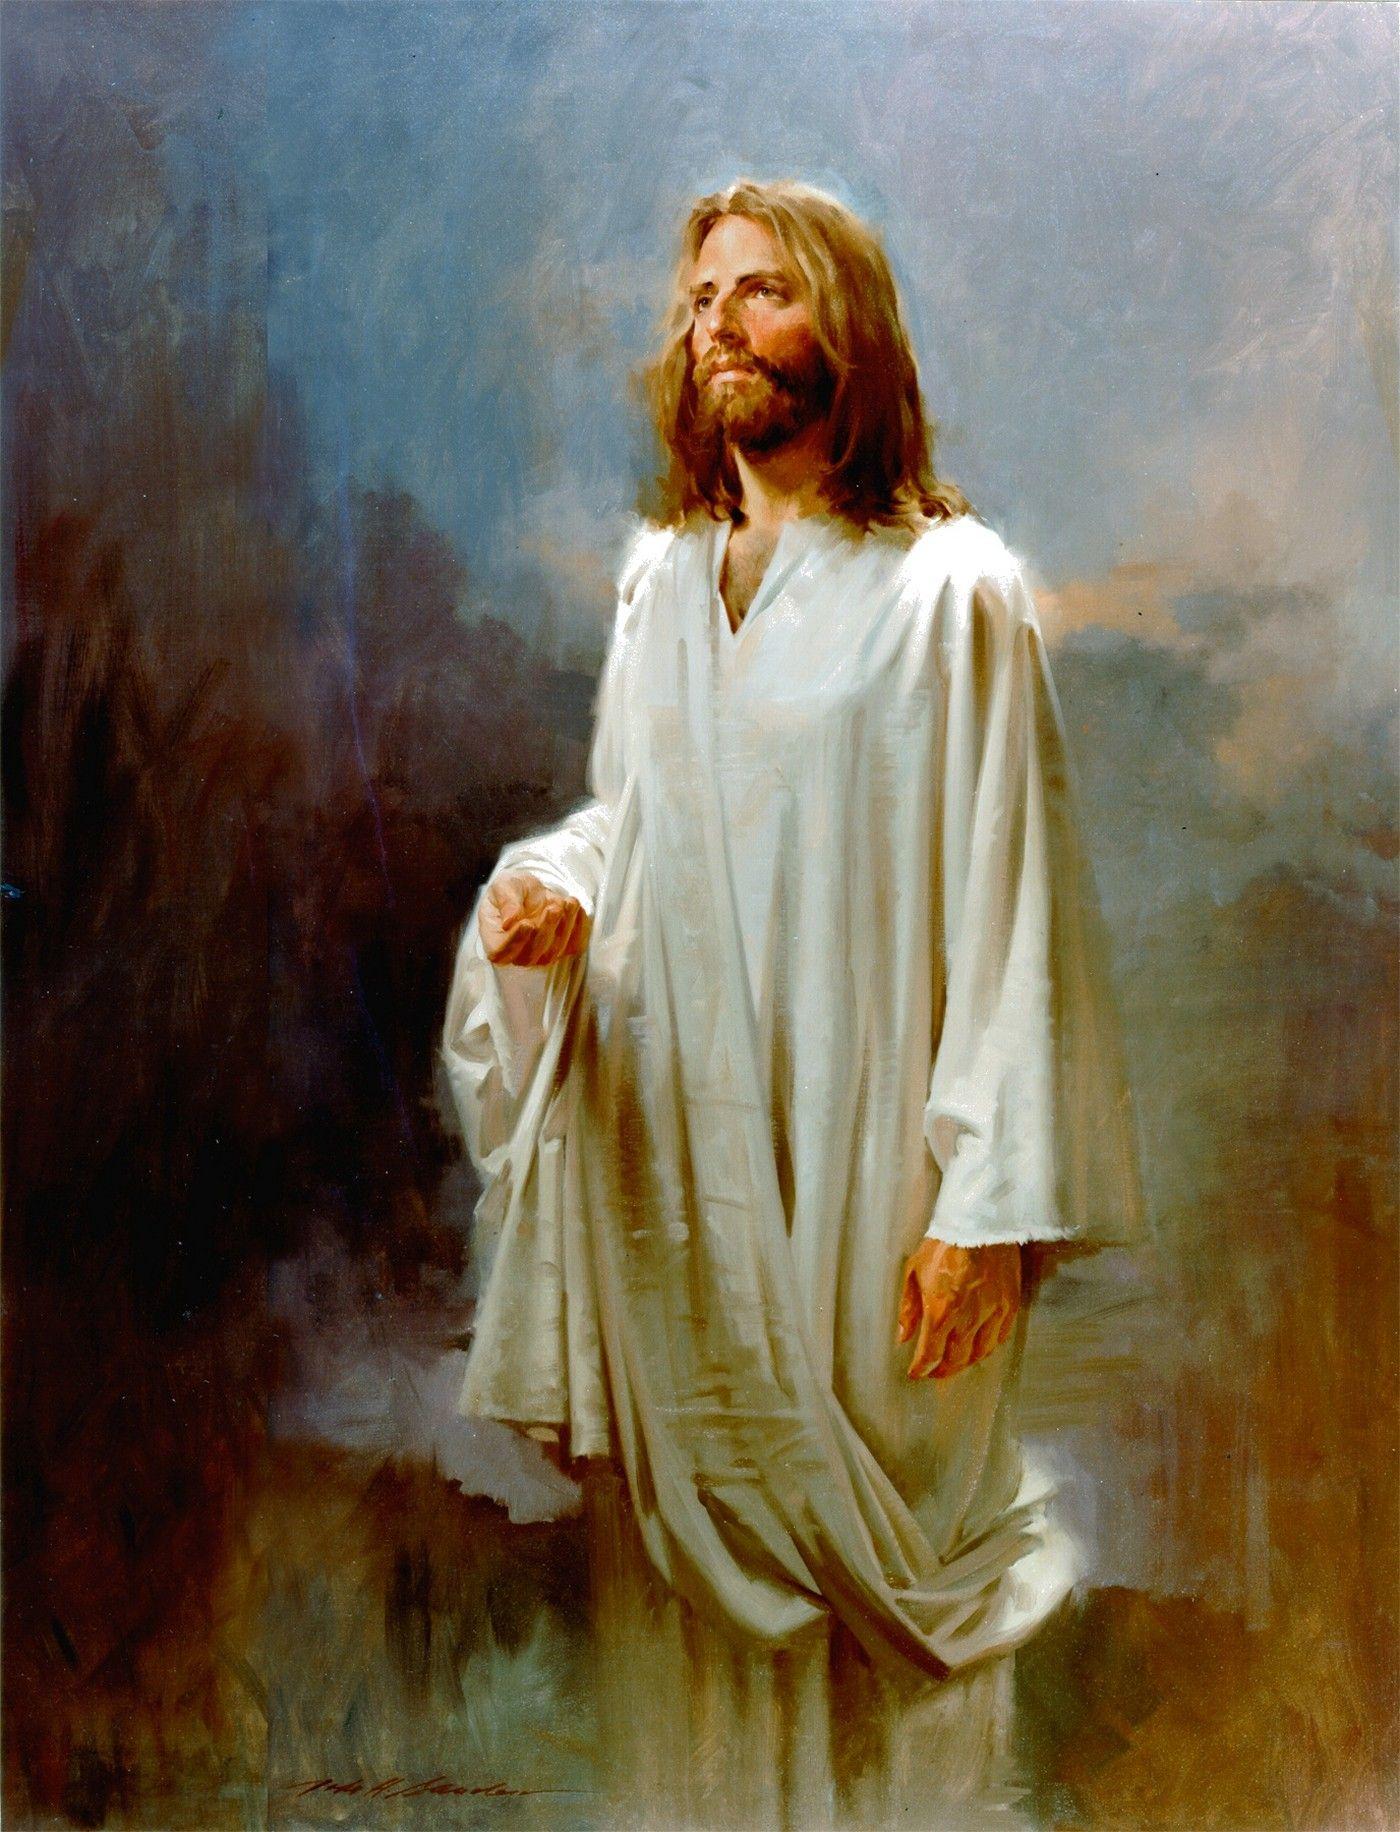 Jesus Christ Oil Painting John Howard Sanden American Portrait